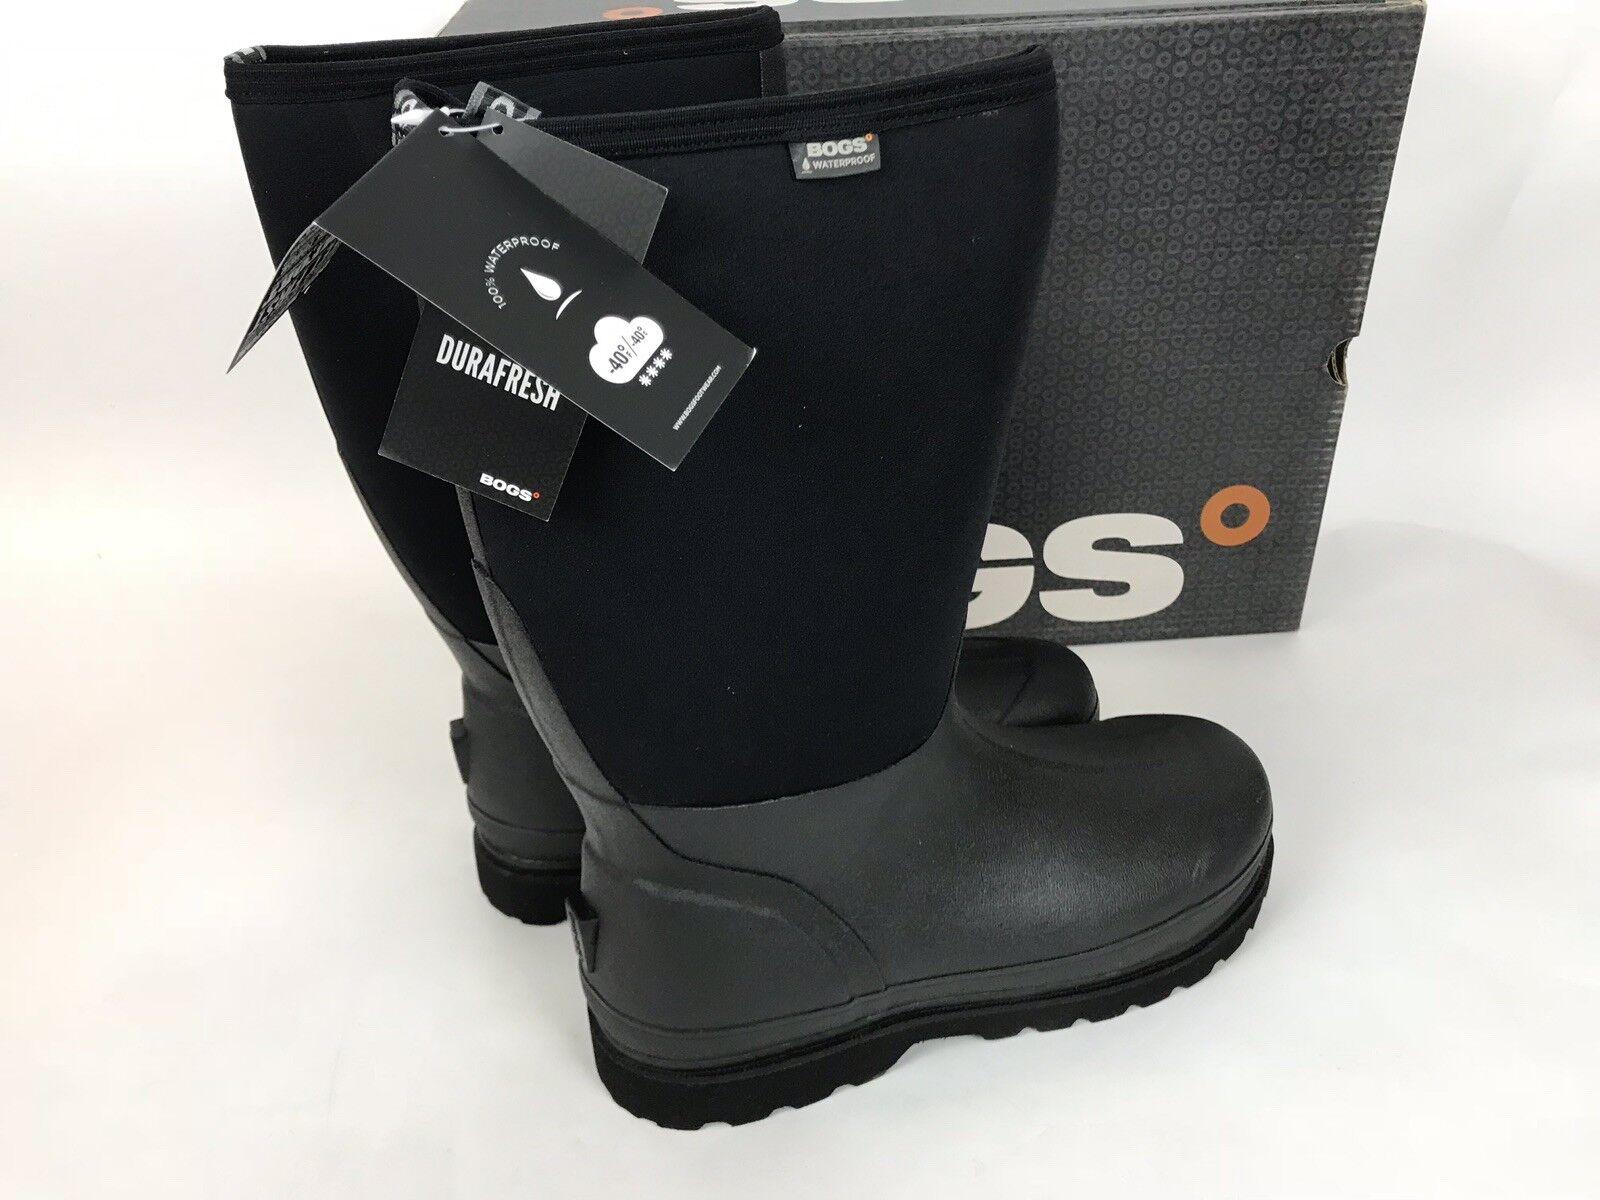 Bogs Aislado botas De Invierno Nieve Impermeable Rancher-Negro Nuevo